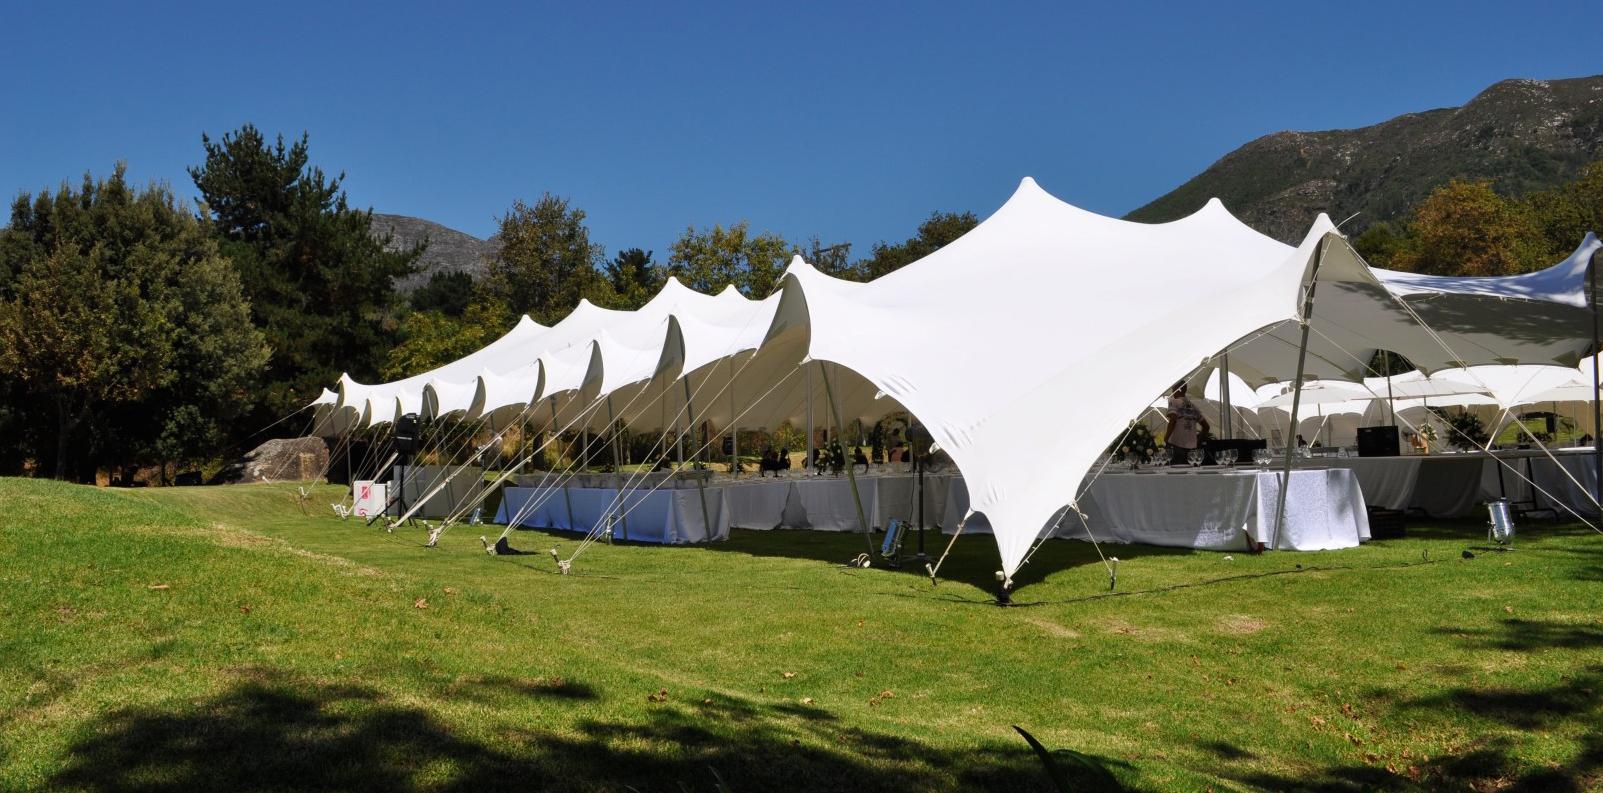 Dome Tent For Sale Location Tente Stretch Auvergne Renon Location